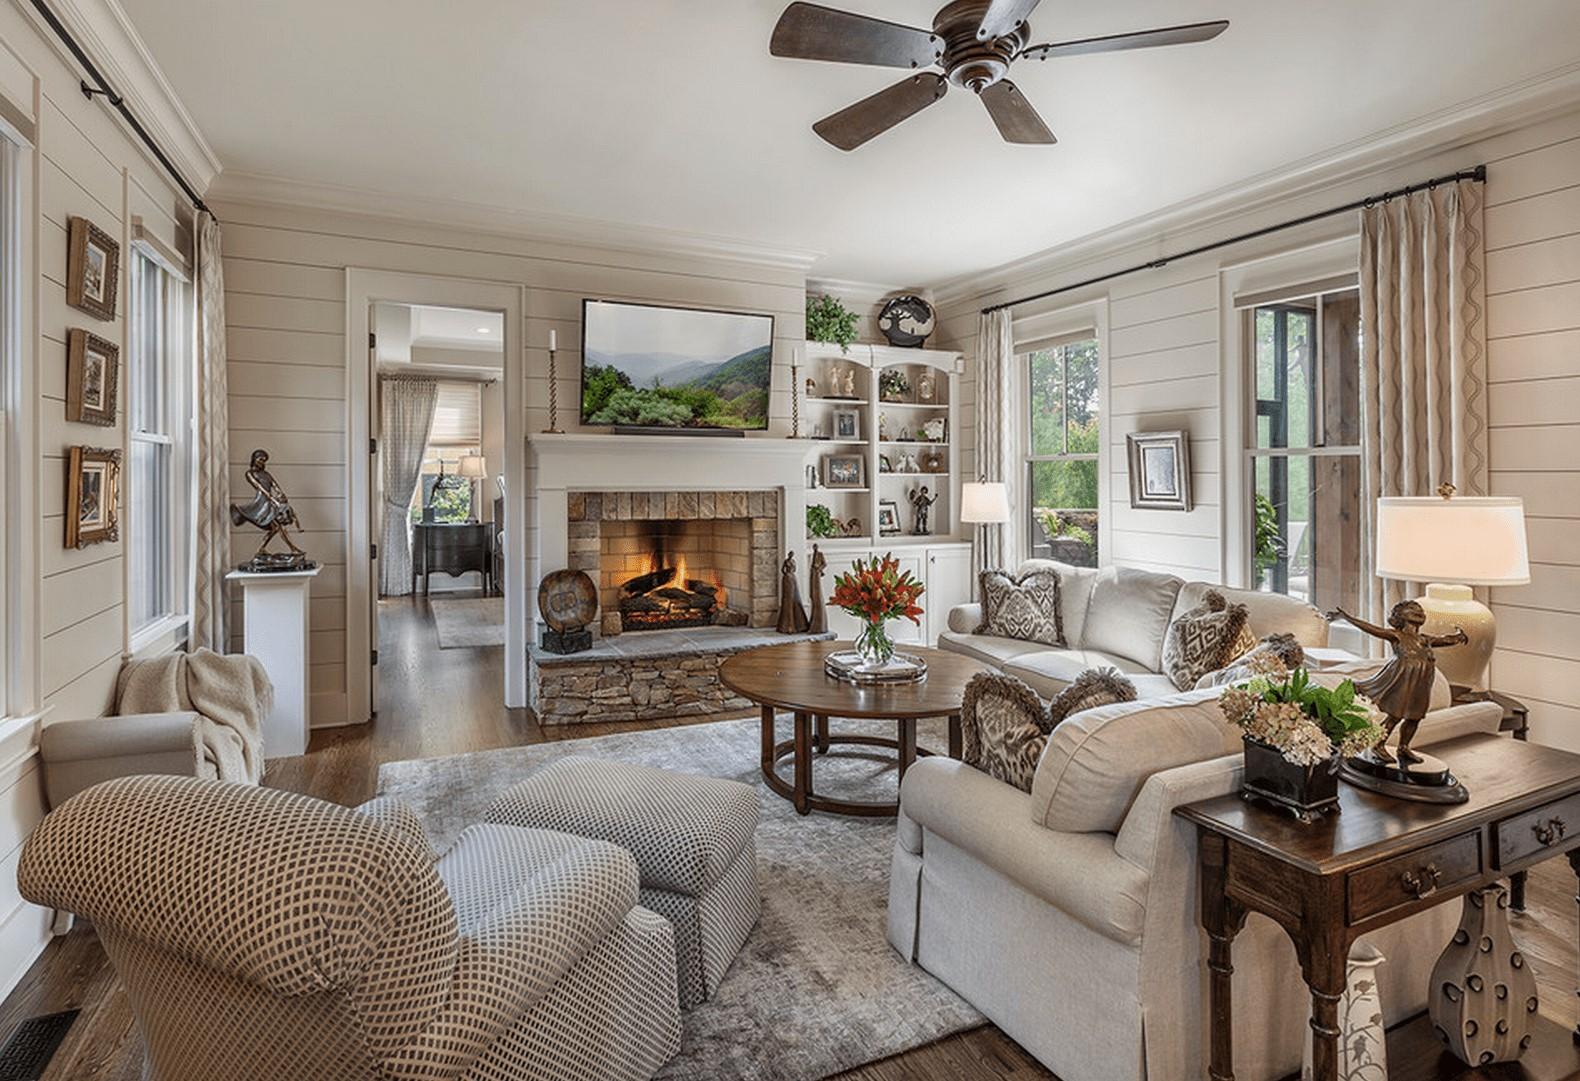 Ajoutez des couleurs chaleureuses à votre salon pour le rendre plus accueillant.